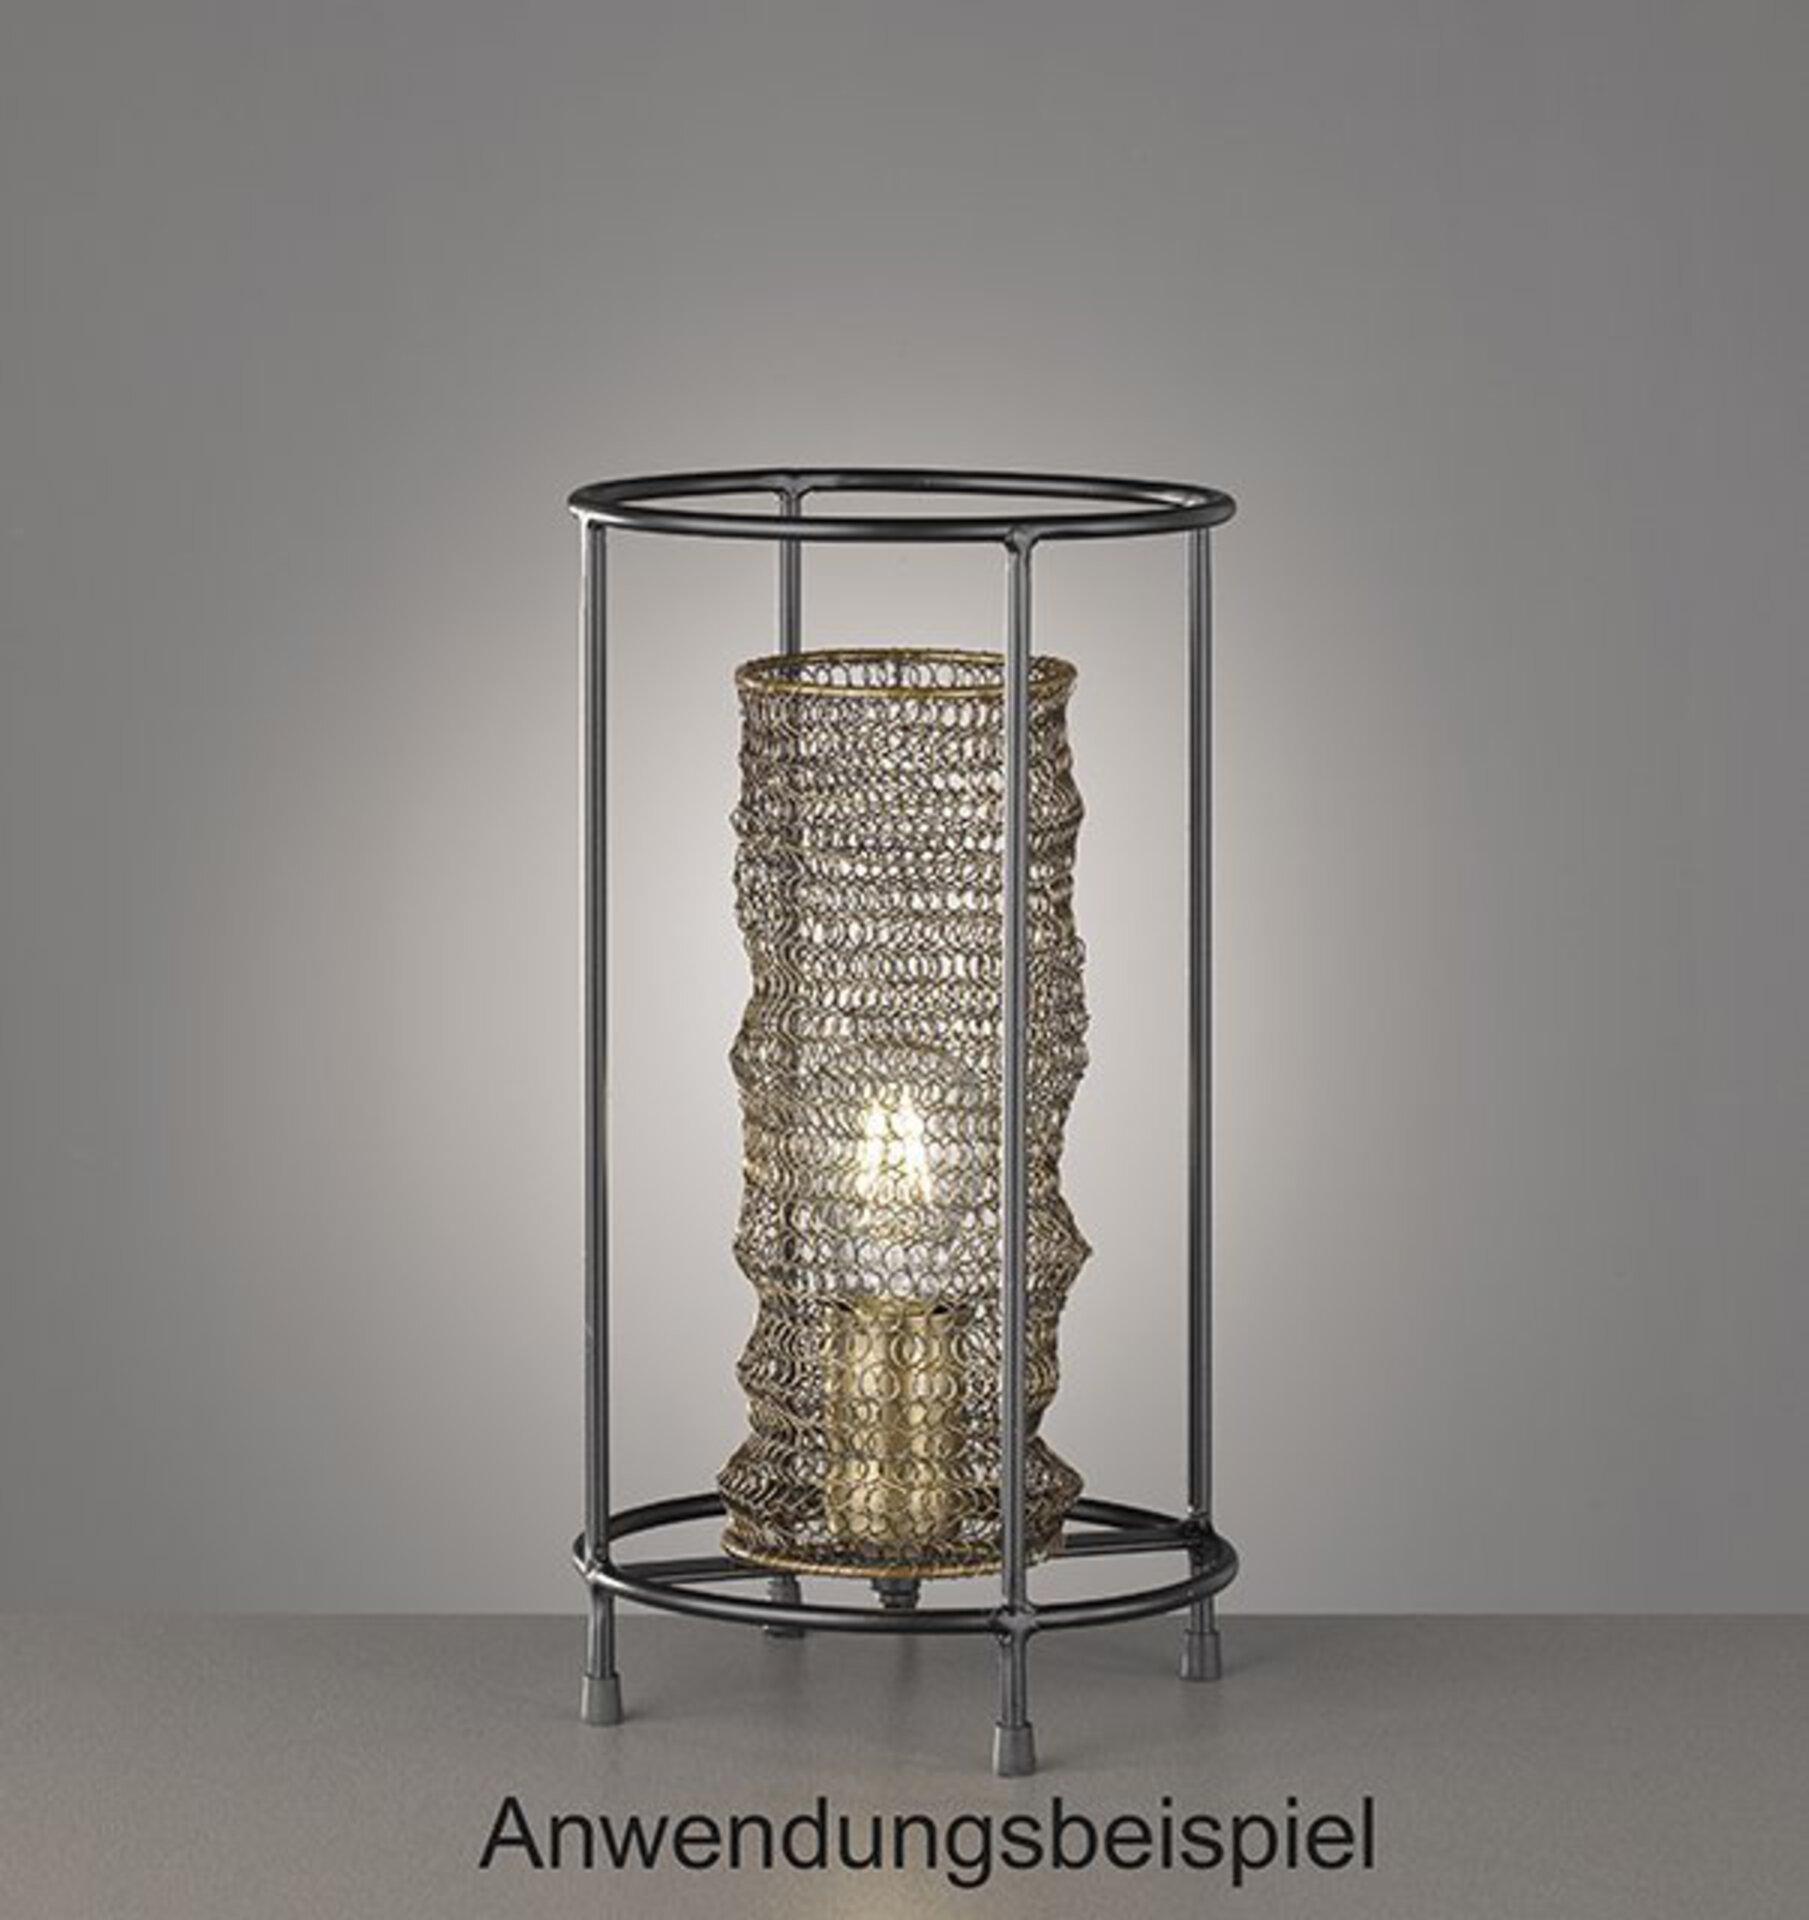 Tischleuchte Ano Fischer-Honsel Metall braun 20 x 36 x 20 cm